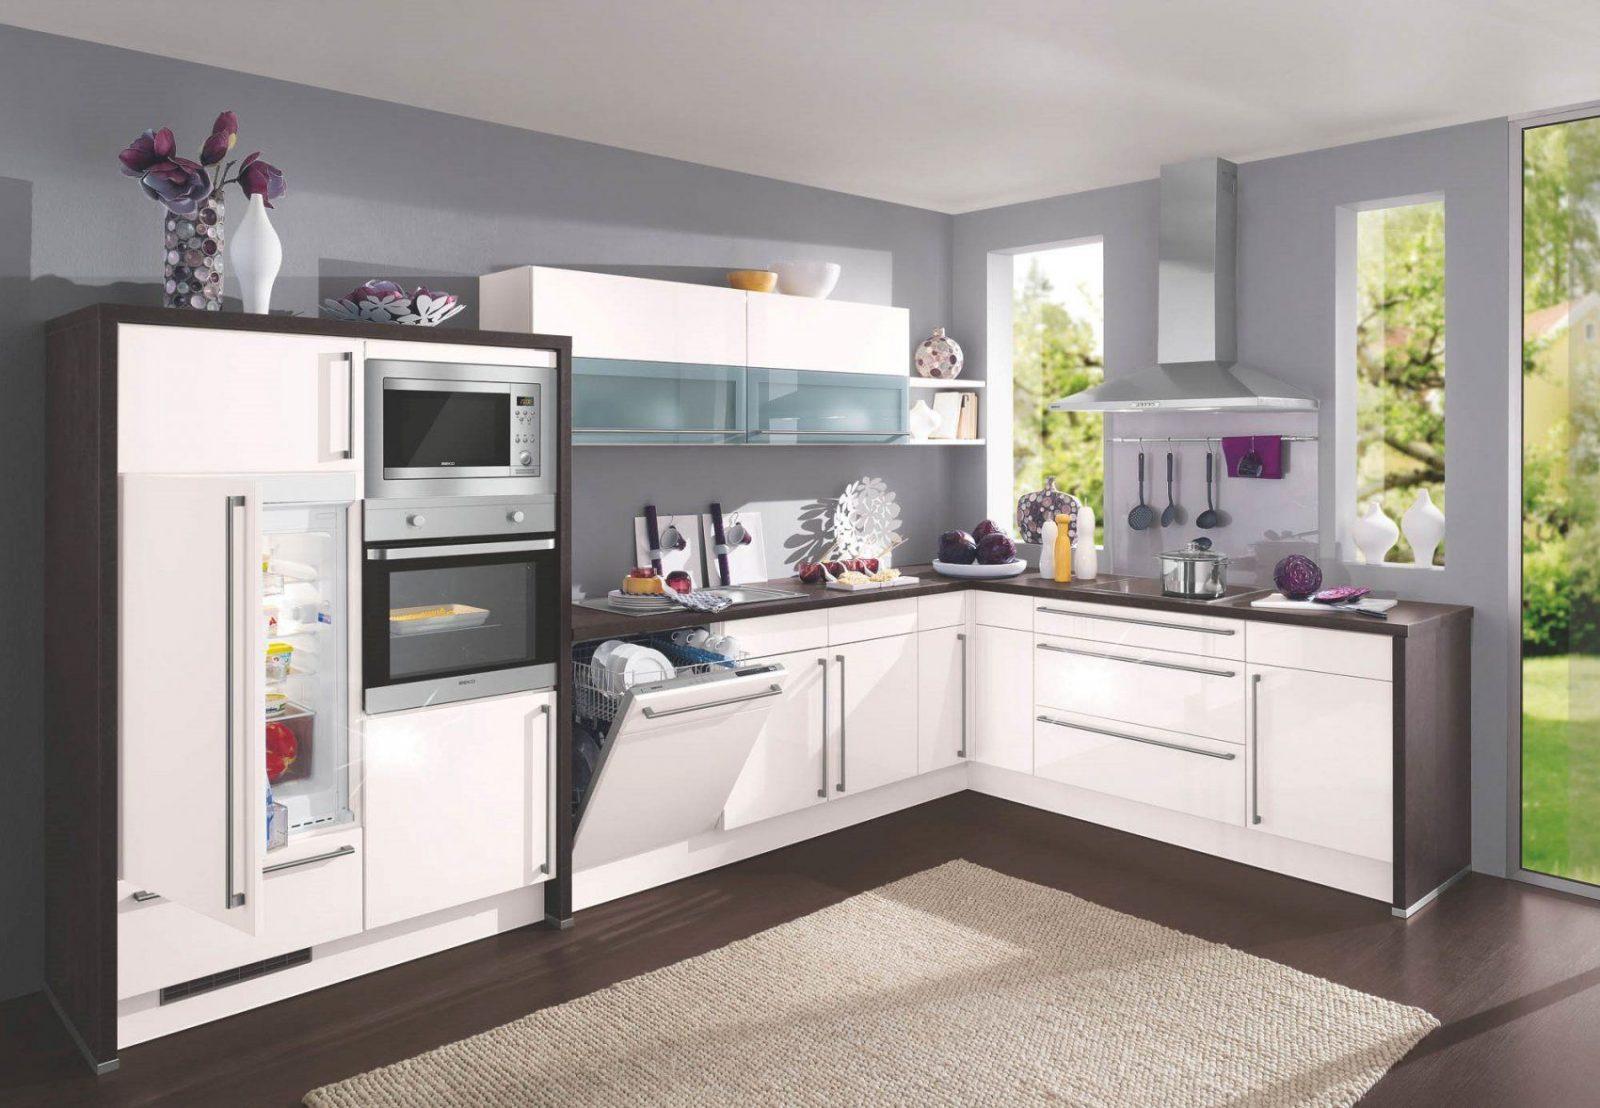 Küchen L Form Mit Elektrogeräten  Ambiznes von Küche L Form Günstig Kaufen Bild